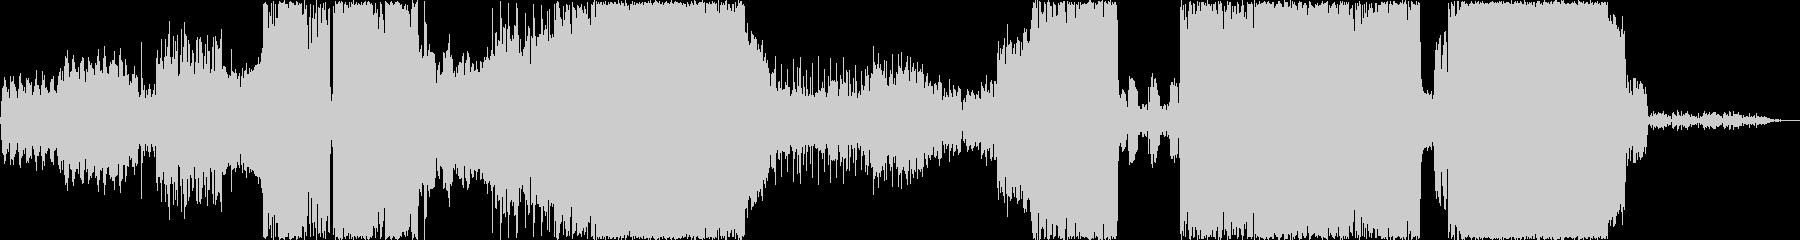 オーケストラ メタルの未再生の波形